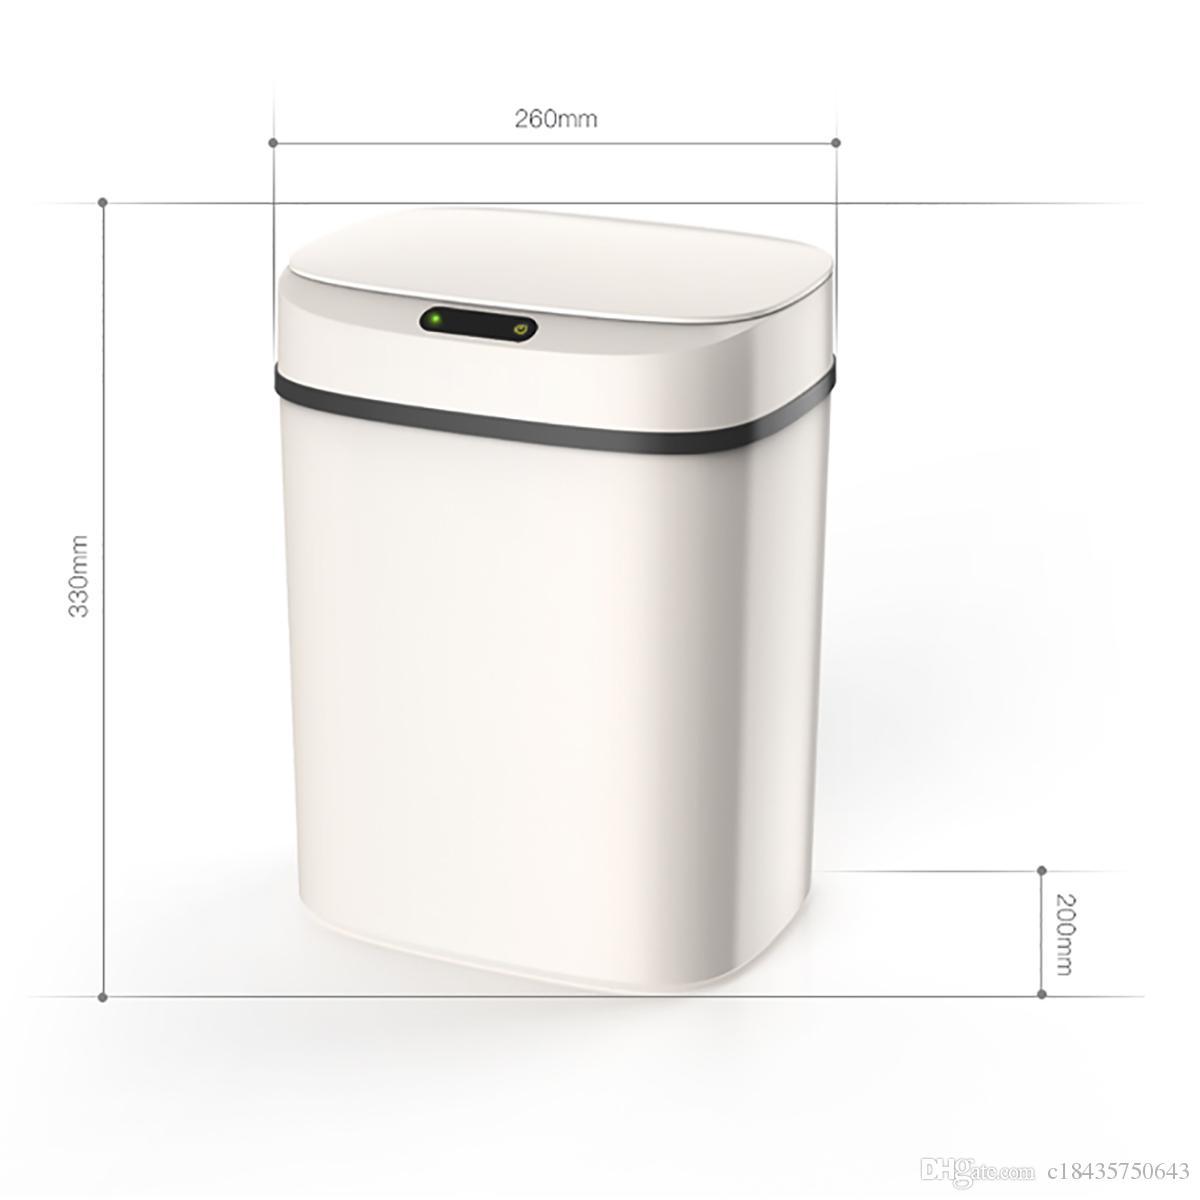 Poubelles Noires De Jardin acheter 12l poubelle automatique peut sans contact intelligent poubelle  dinduction avec seau intérieur circulateur sans contact couvercle calme  fermer